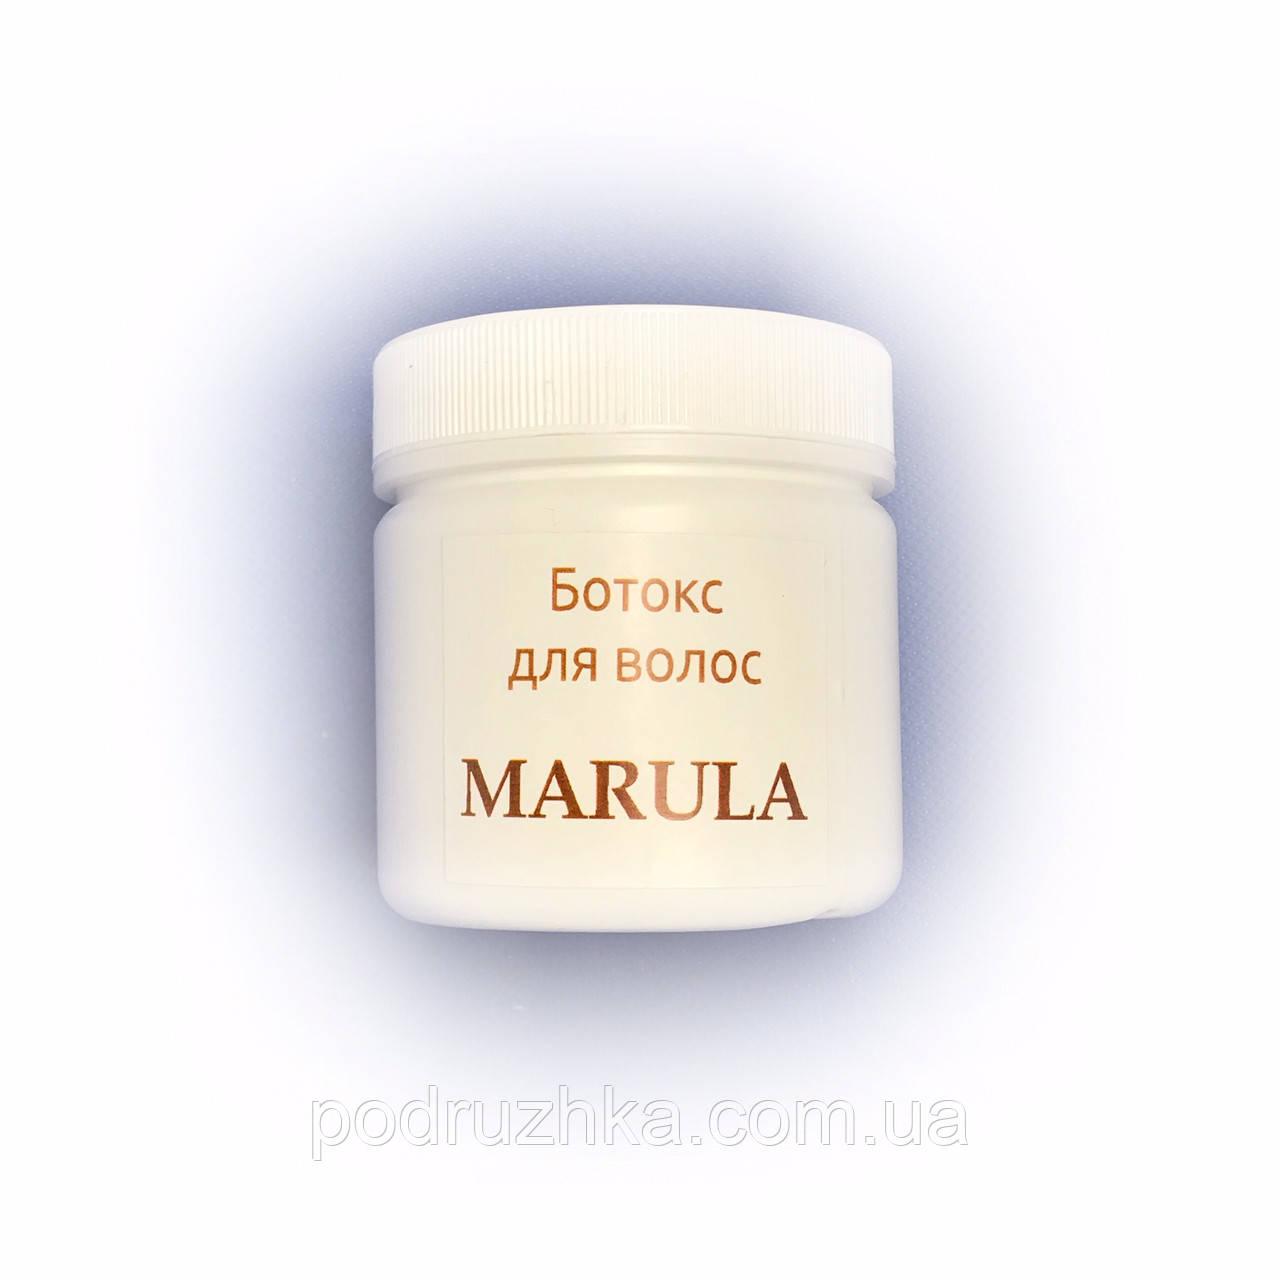 Ботокс для волос Marula 100 г